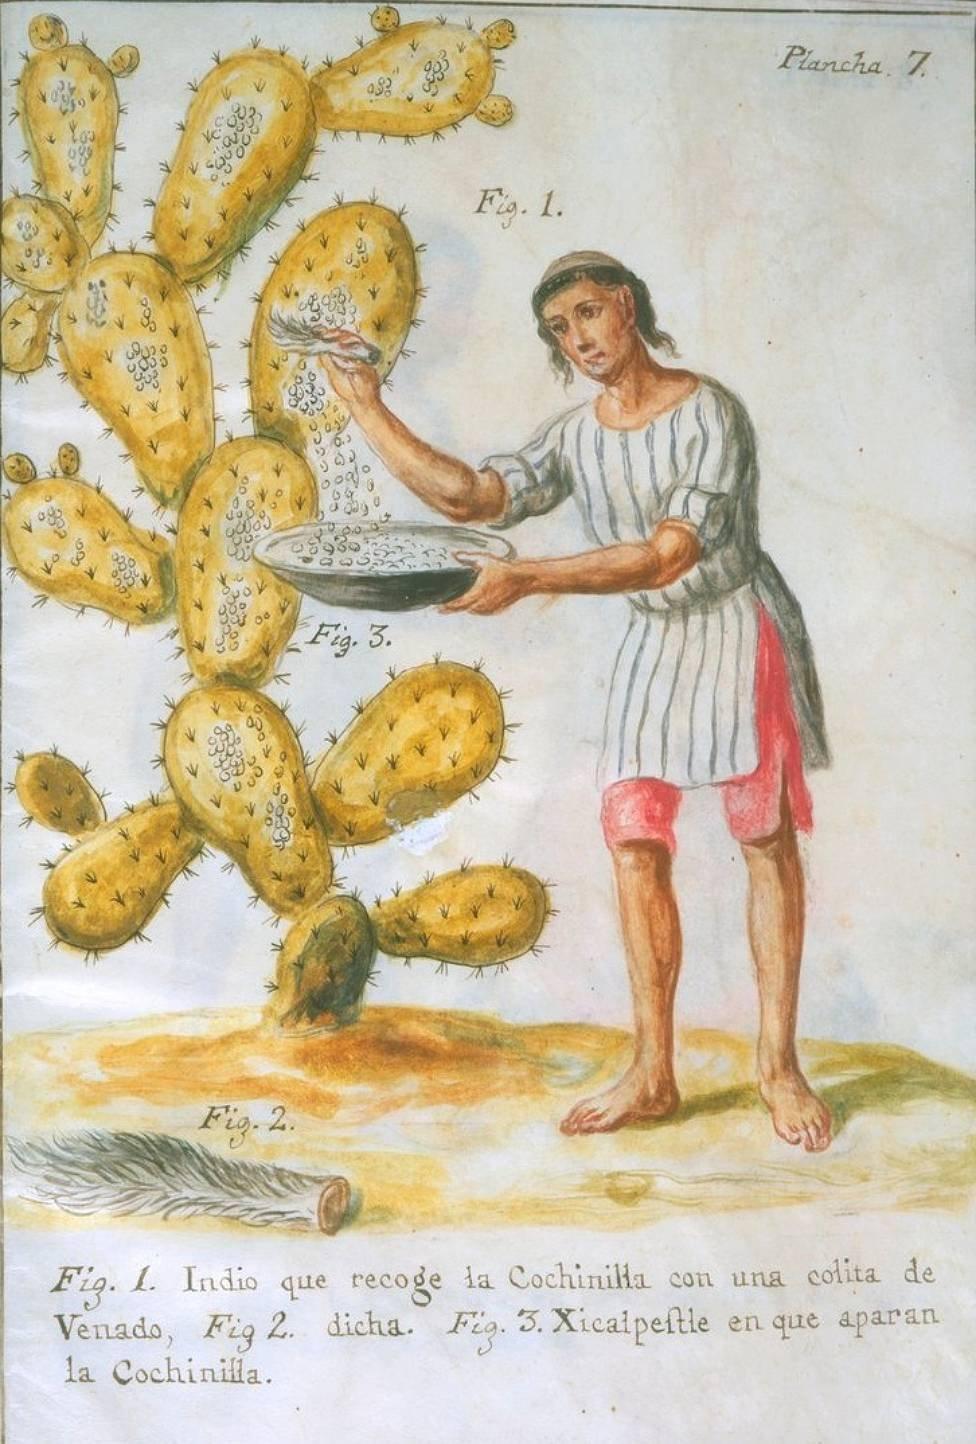 Ilustración de mexicano recolectando cochinilla de carmín